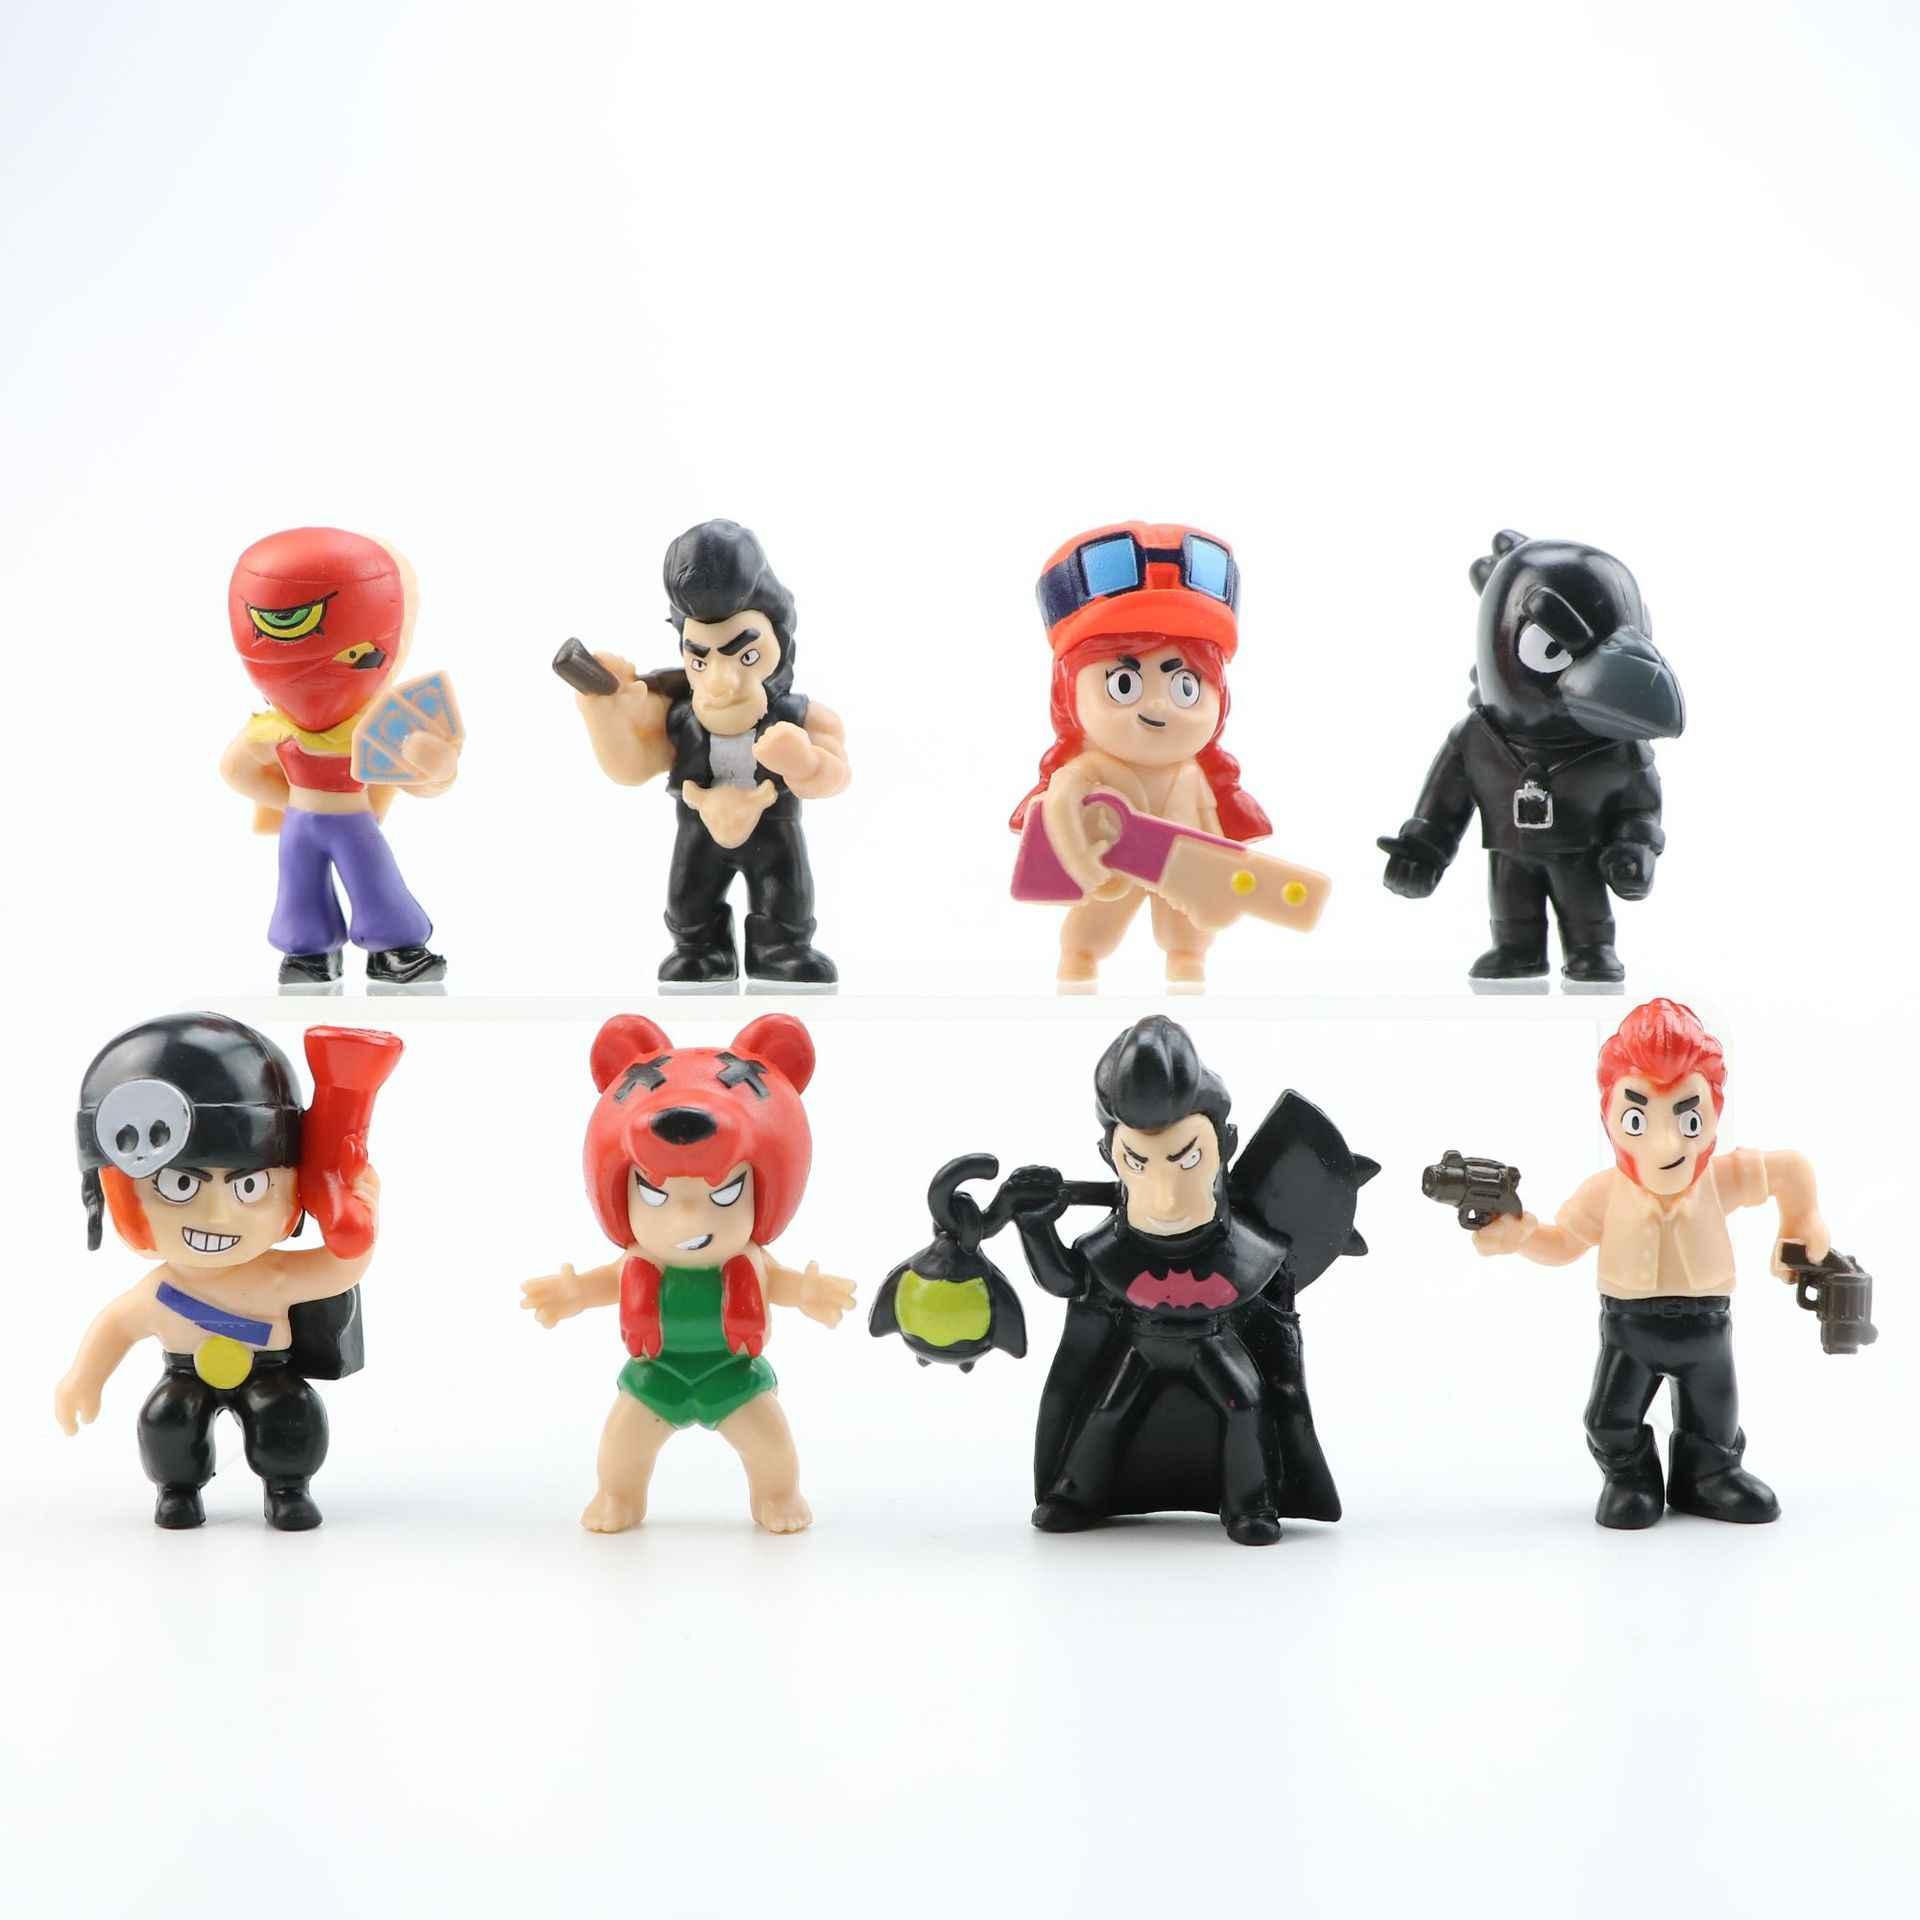 8 шт./компл., финская игрушка с рисунком звезд, креативный герой, кукла, подарок для детей, украшение торта, детский подарок на день